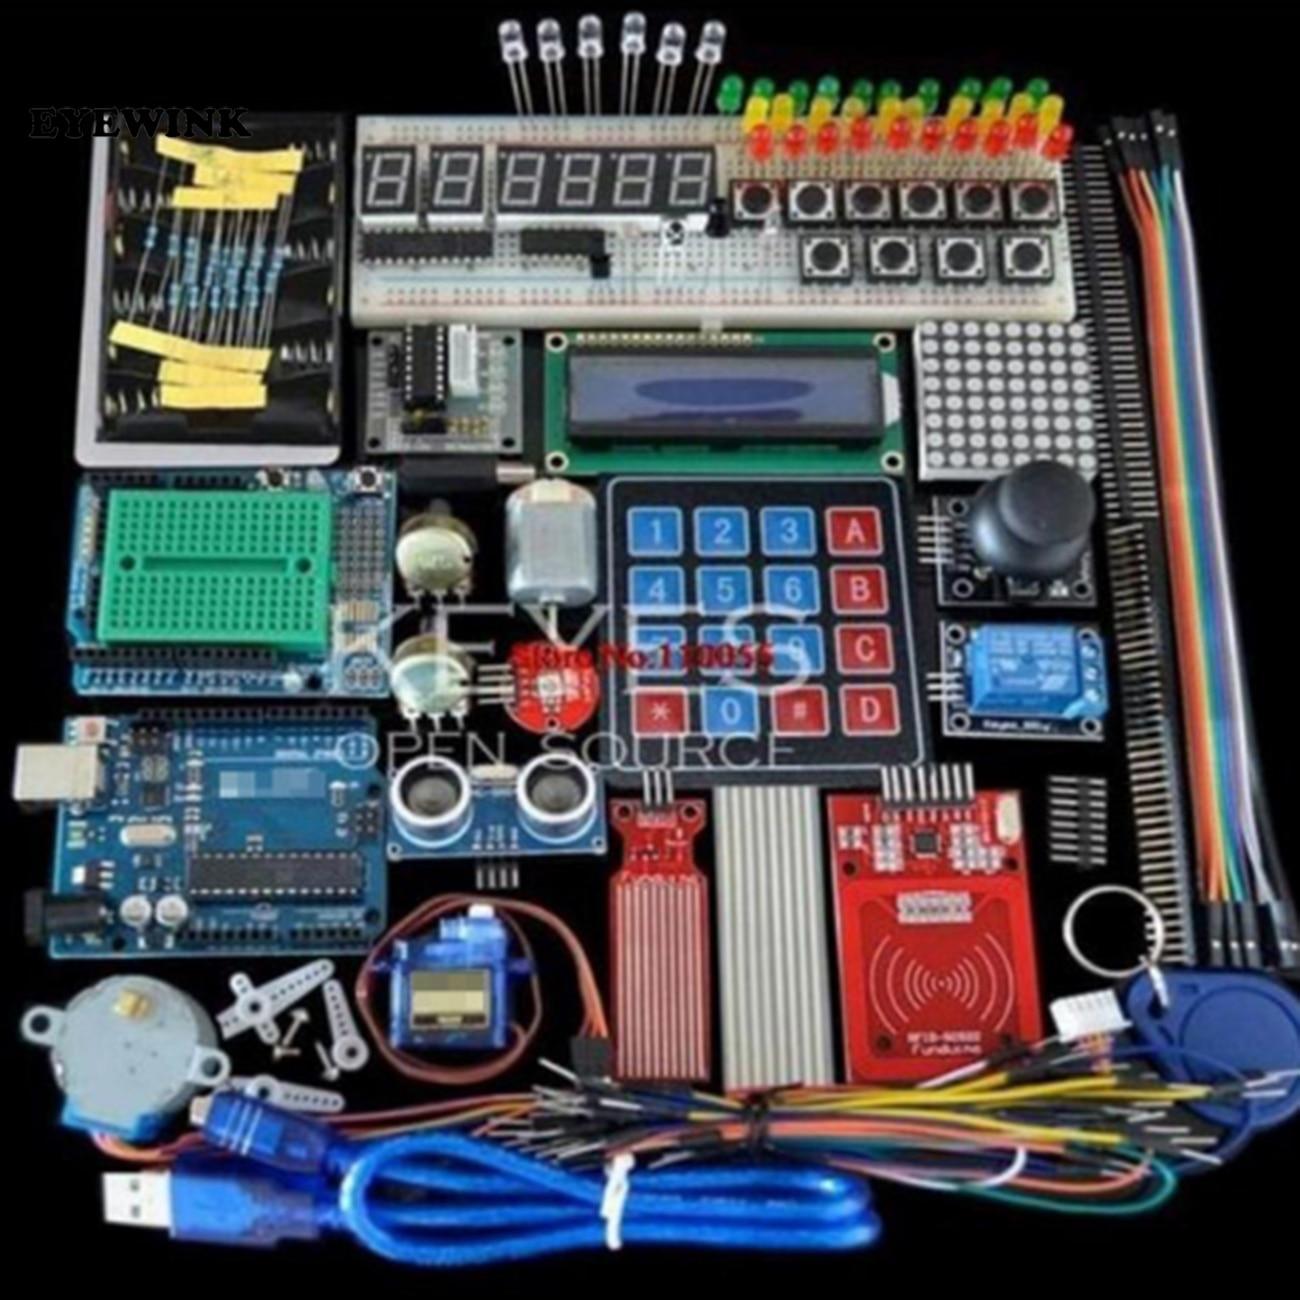 US $20.34 14% СКИДКА|Стартовый набор для Arduino Uno R3 Uno R3 макетная плата и держатель шаговый двигатель/сервопривод/1602 LCD/перемычка провода/UNO R3|Интегральные схемы| |  - AliExpress